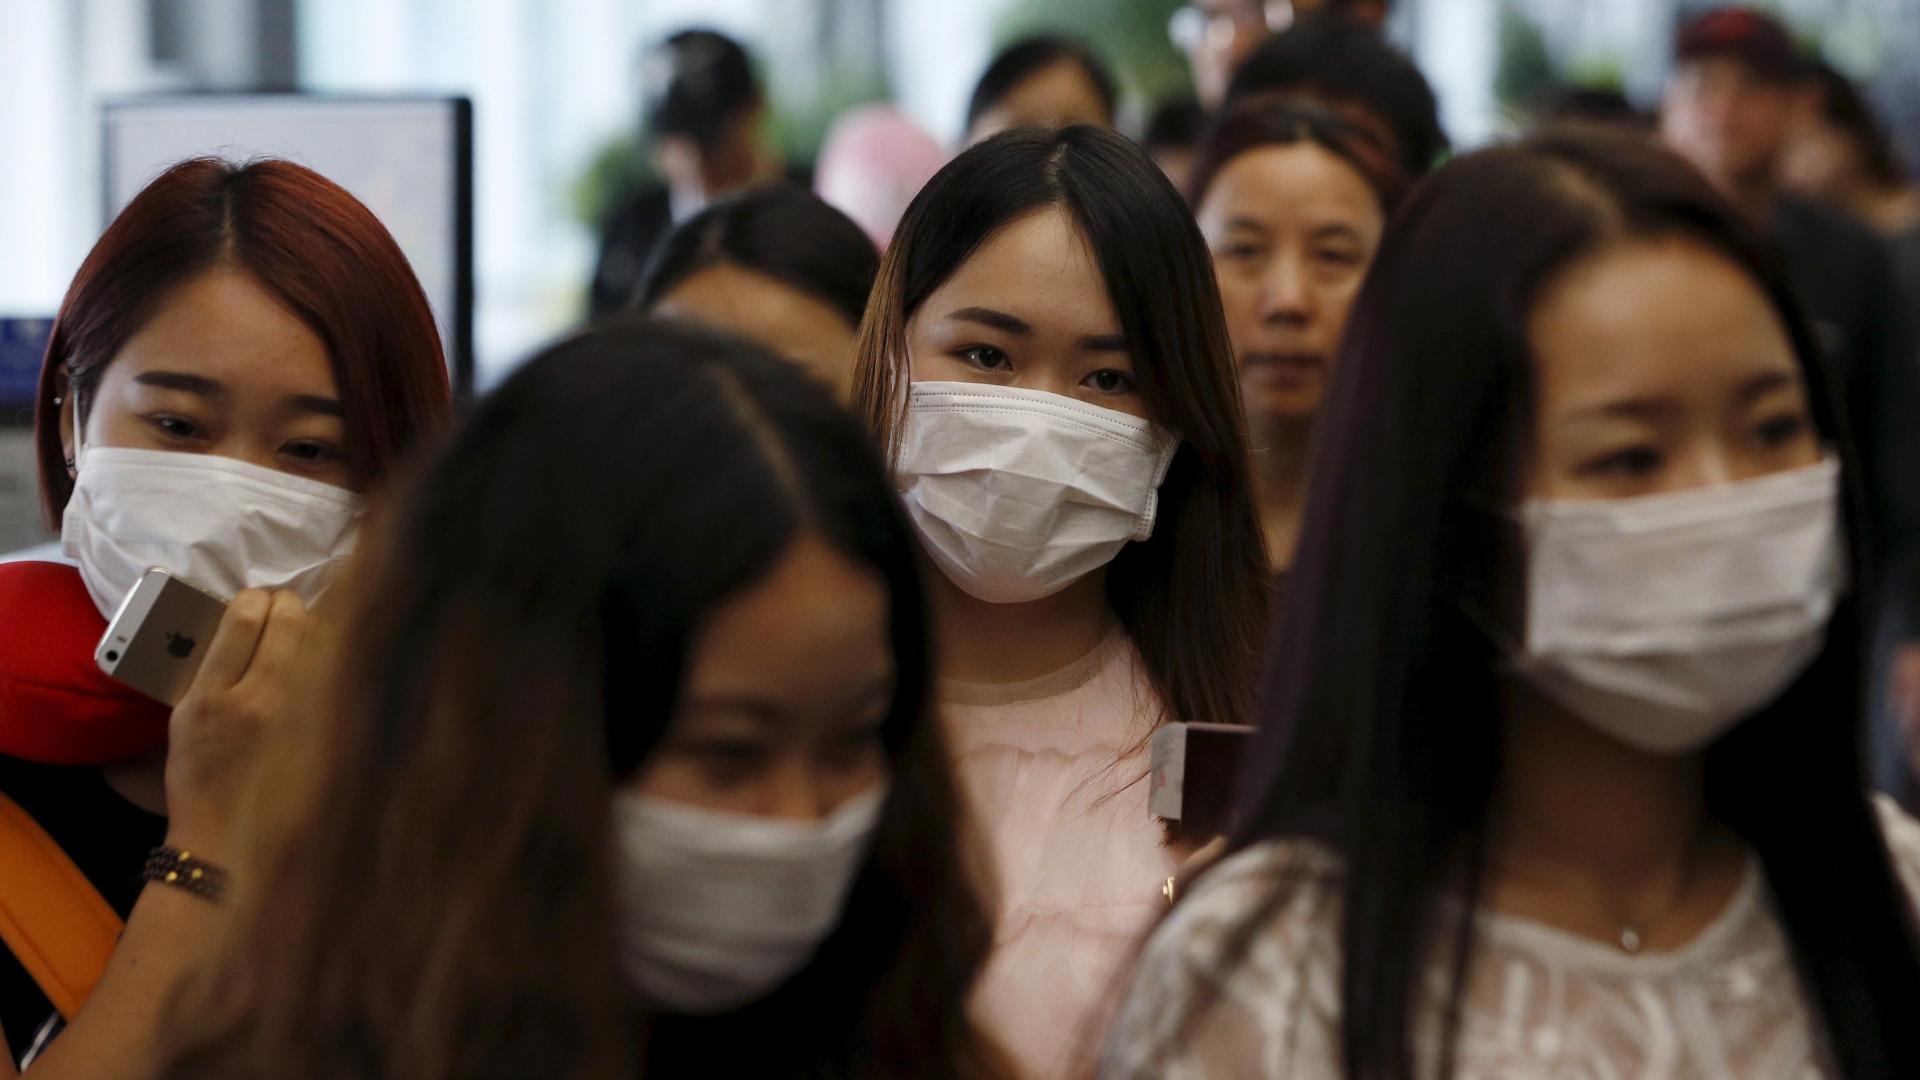 Экспериментальный препарат способен справиться с вирусом гриппа за один день